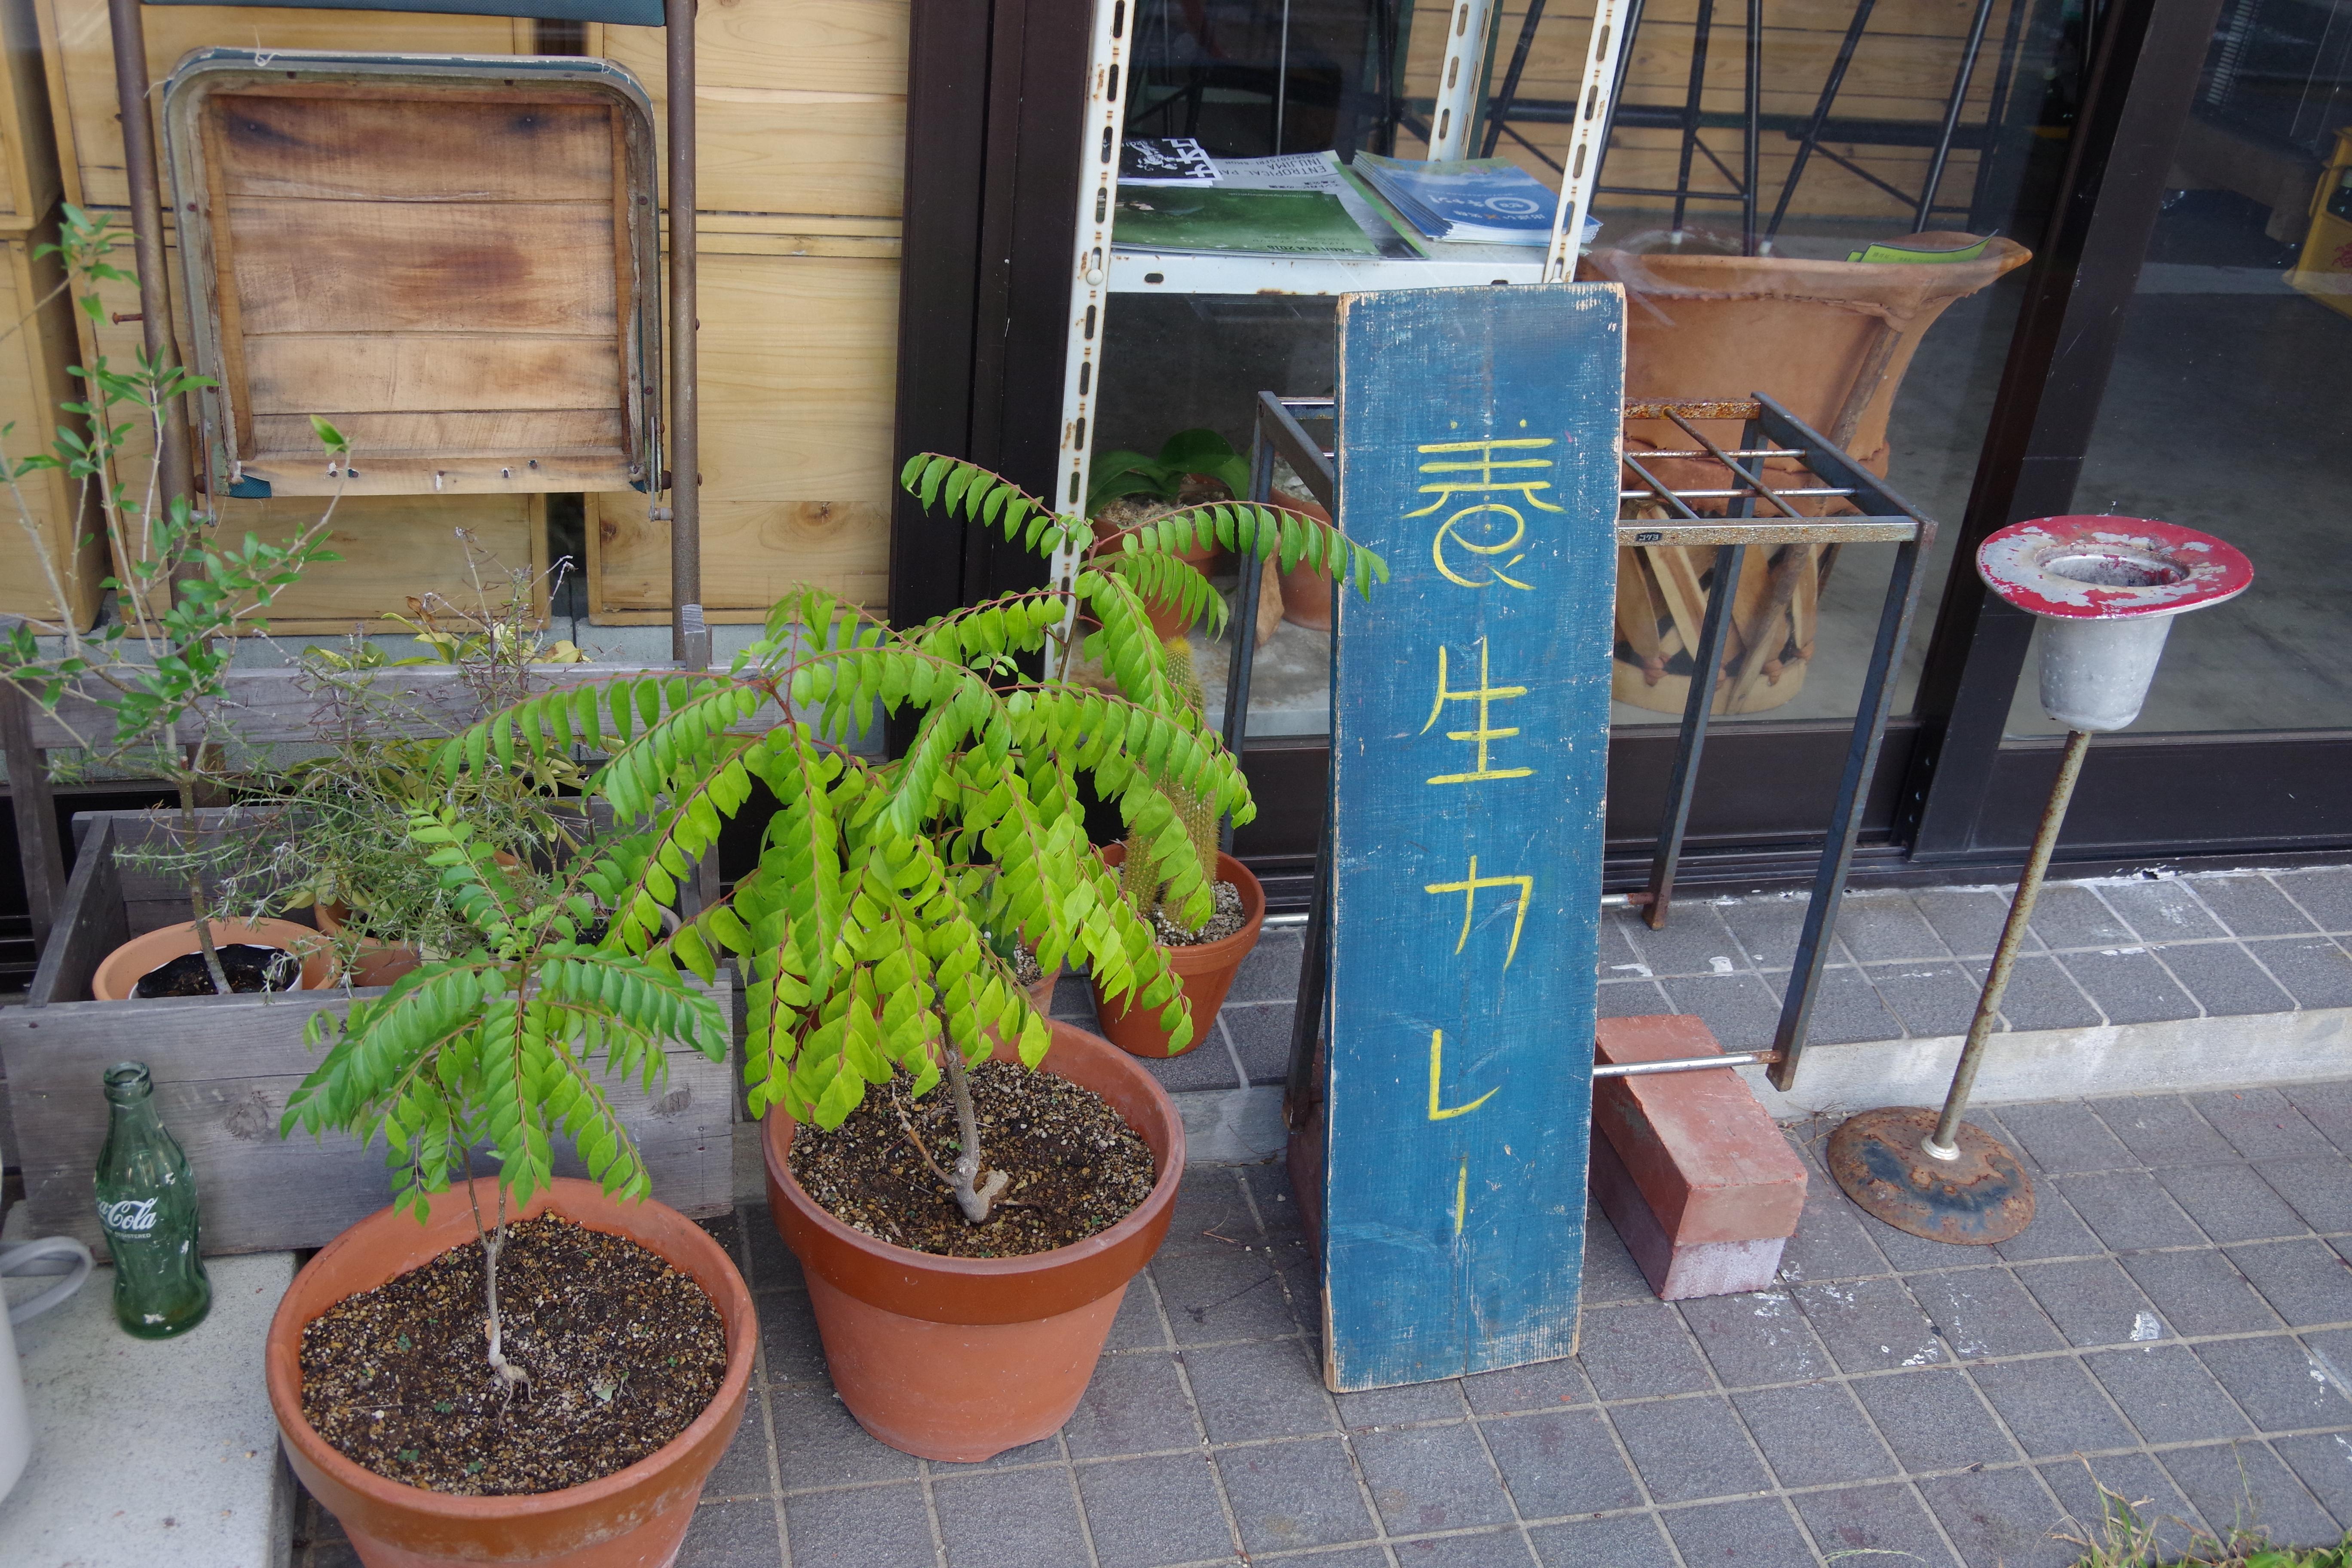 [養生カレー]熊本で爽快なインドカレーを食べるならここ!